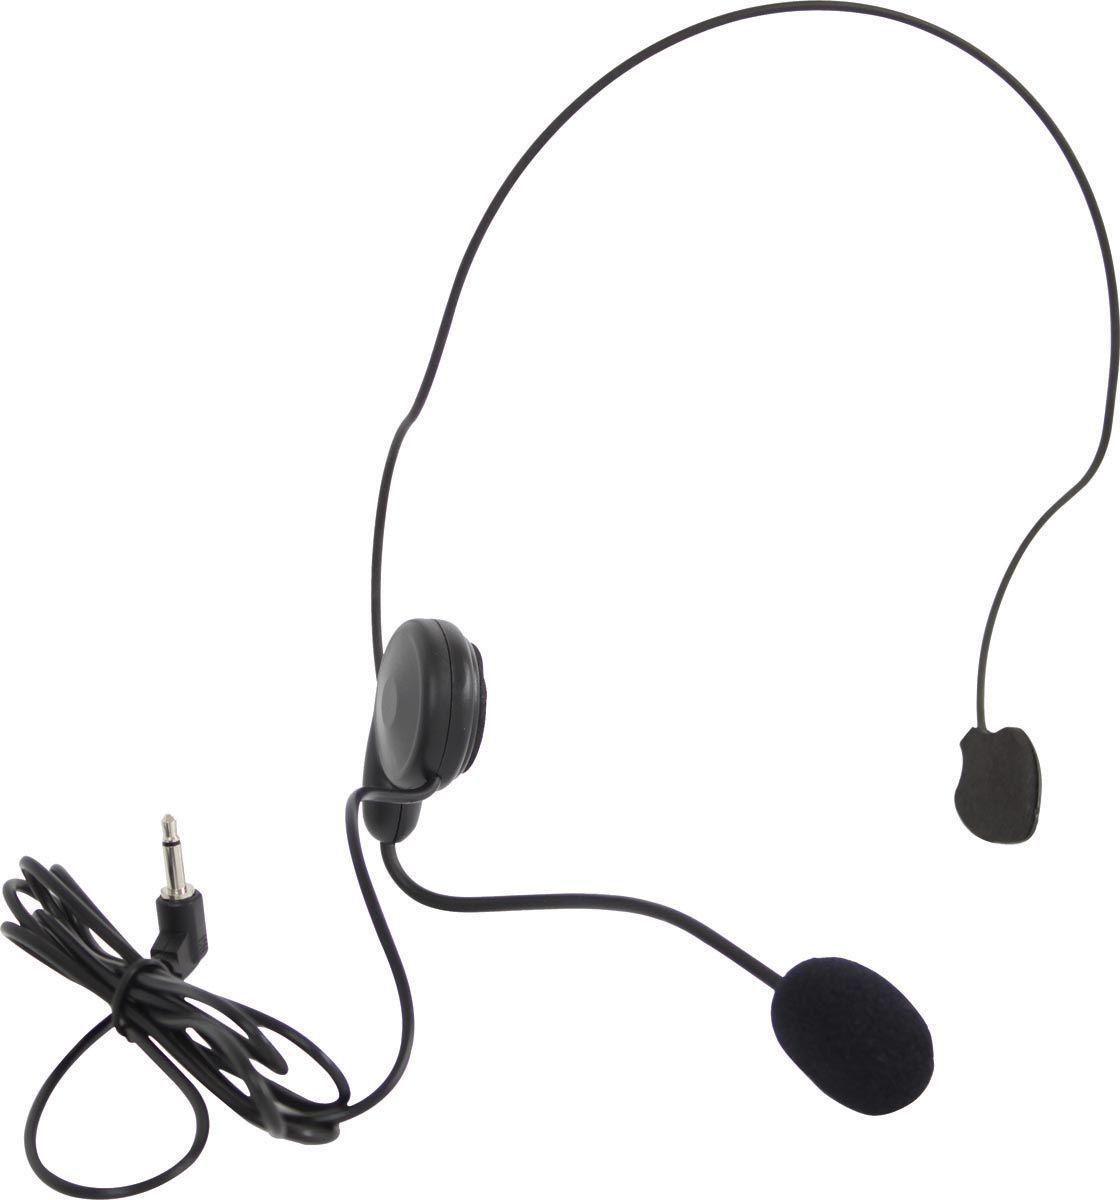 MICROFONE SEM FIO UHF HEADSET MINI-V